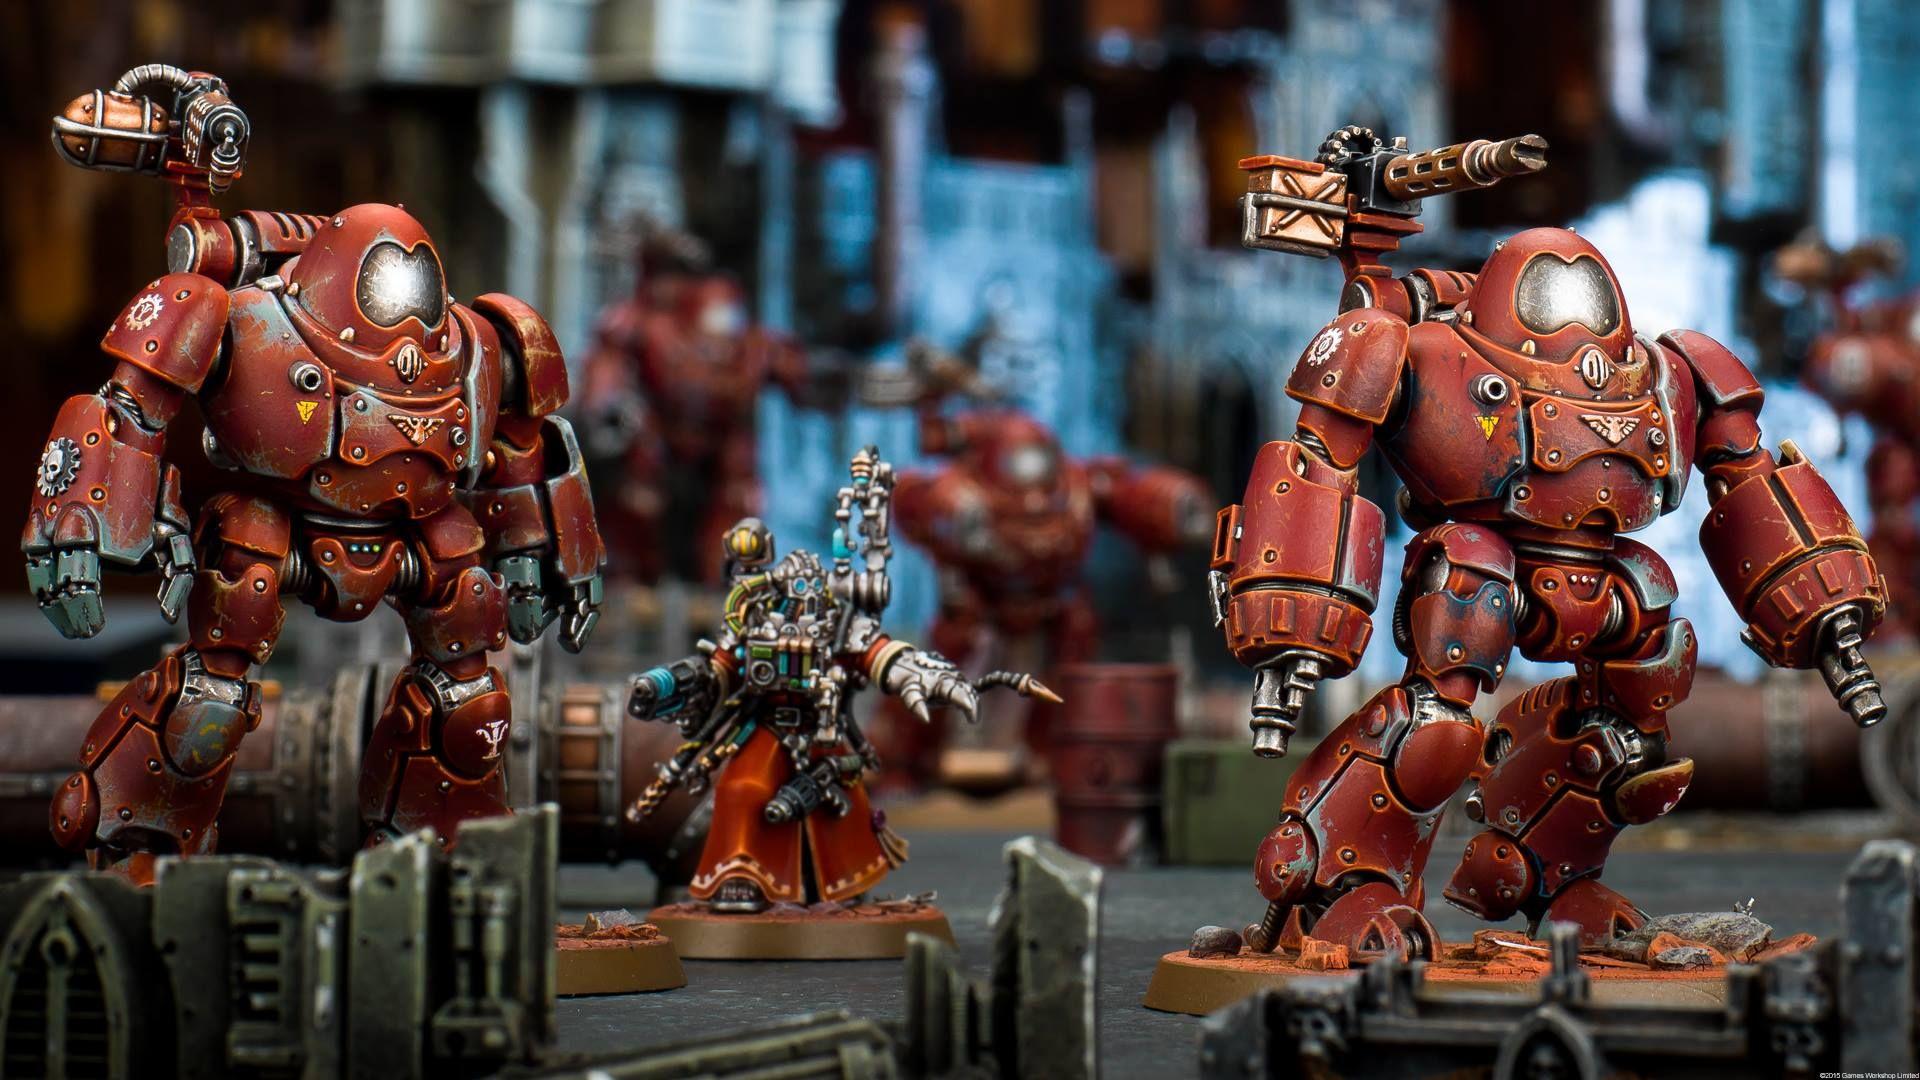 Adeptus Mechanicus Kastelan Robots Warhammer Tabletop Warhammer